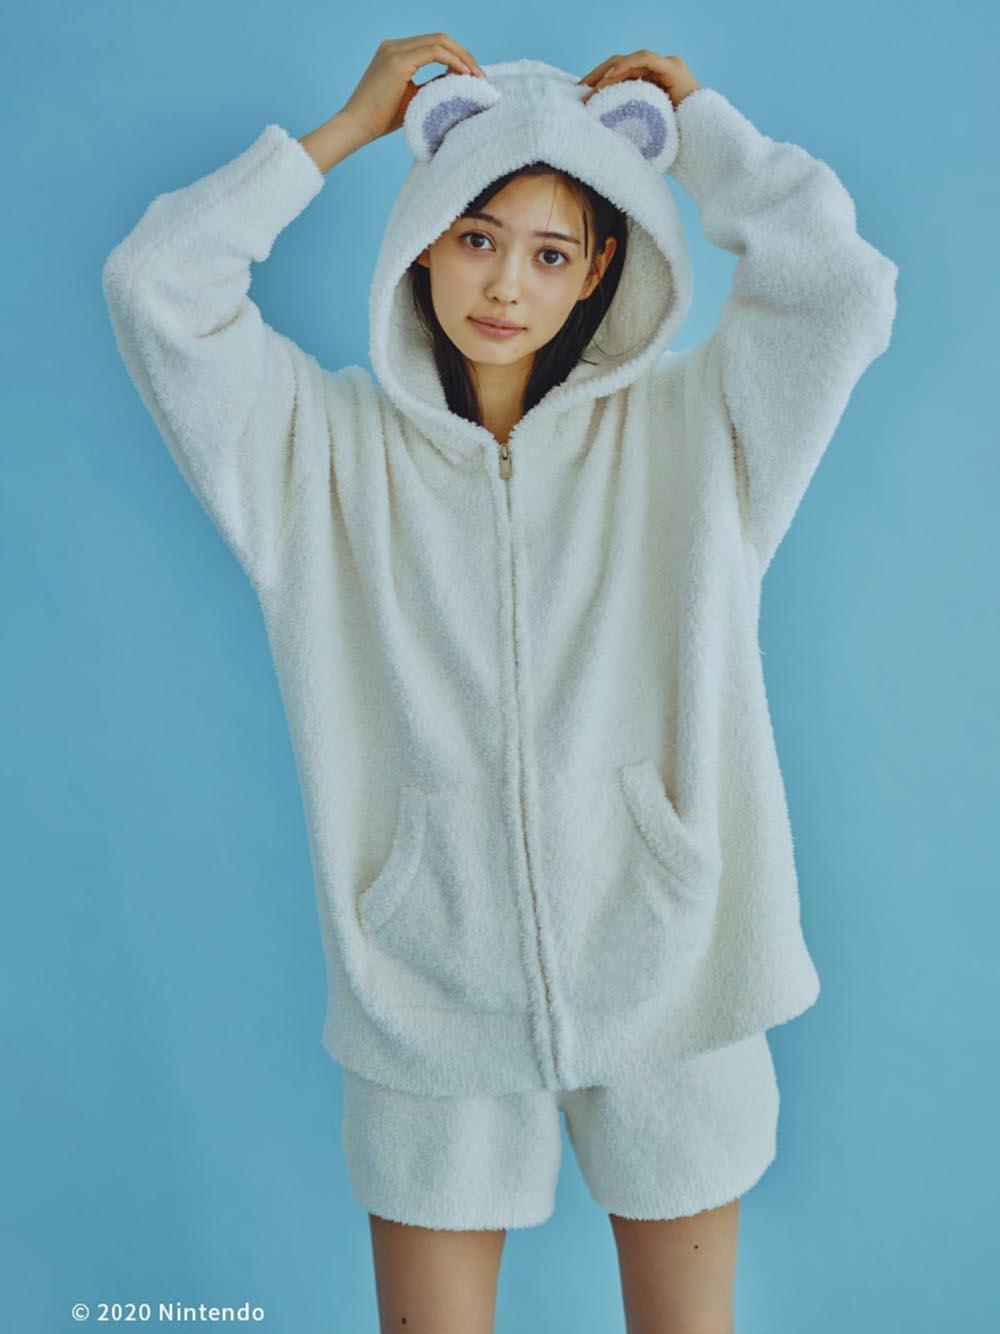 【あつまれ どうぶつの森】キャラクターパーカ・ショートパンツSET クリーム | PWNT205844